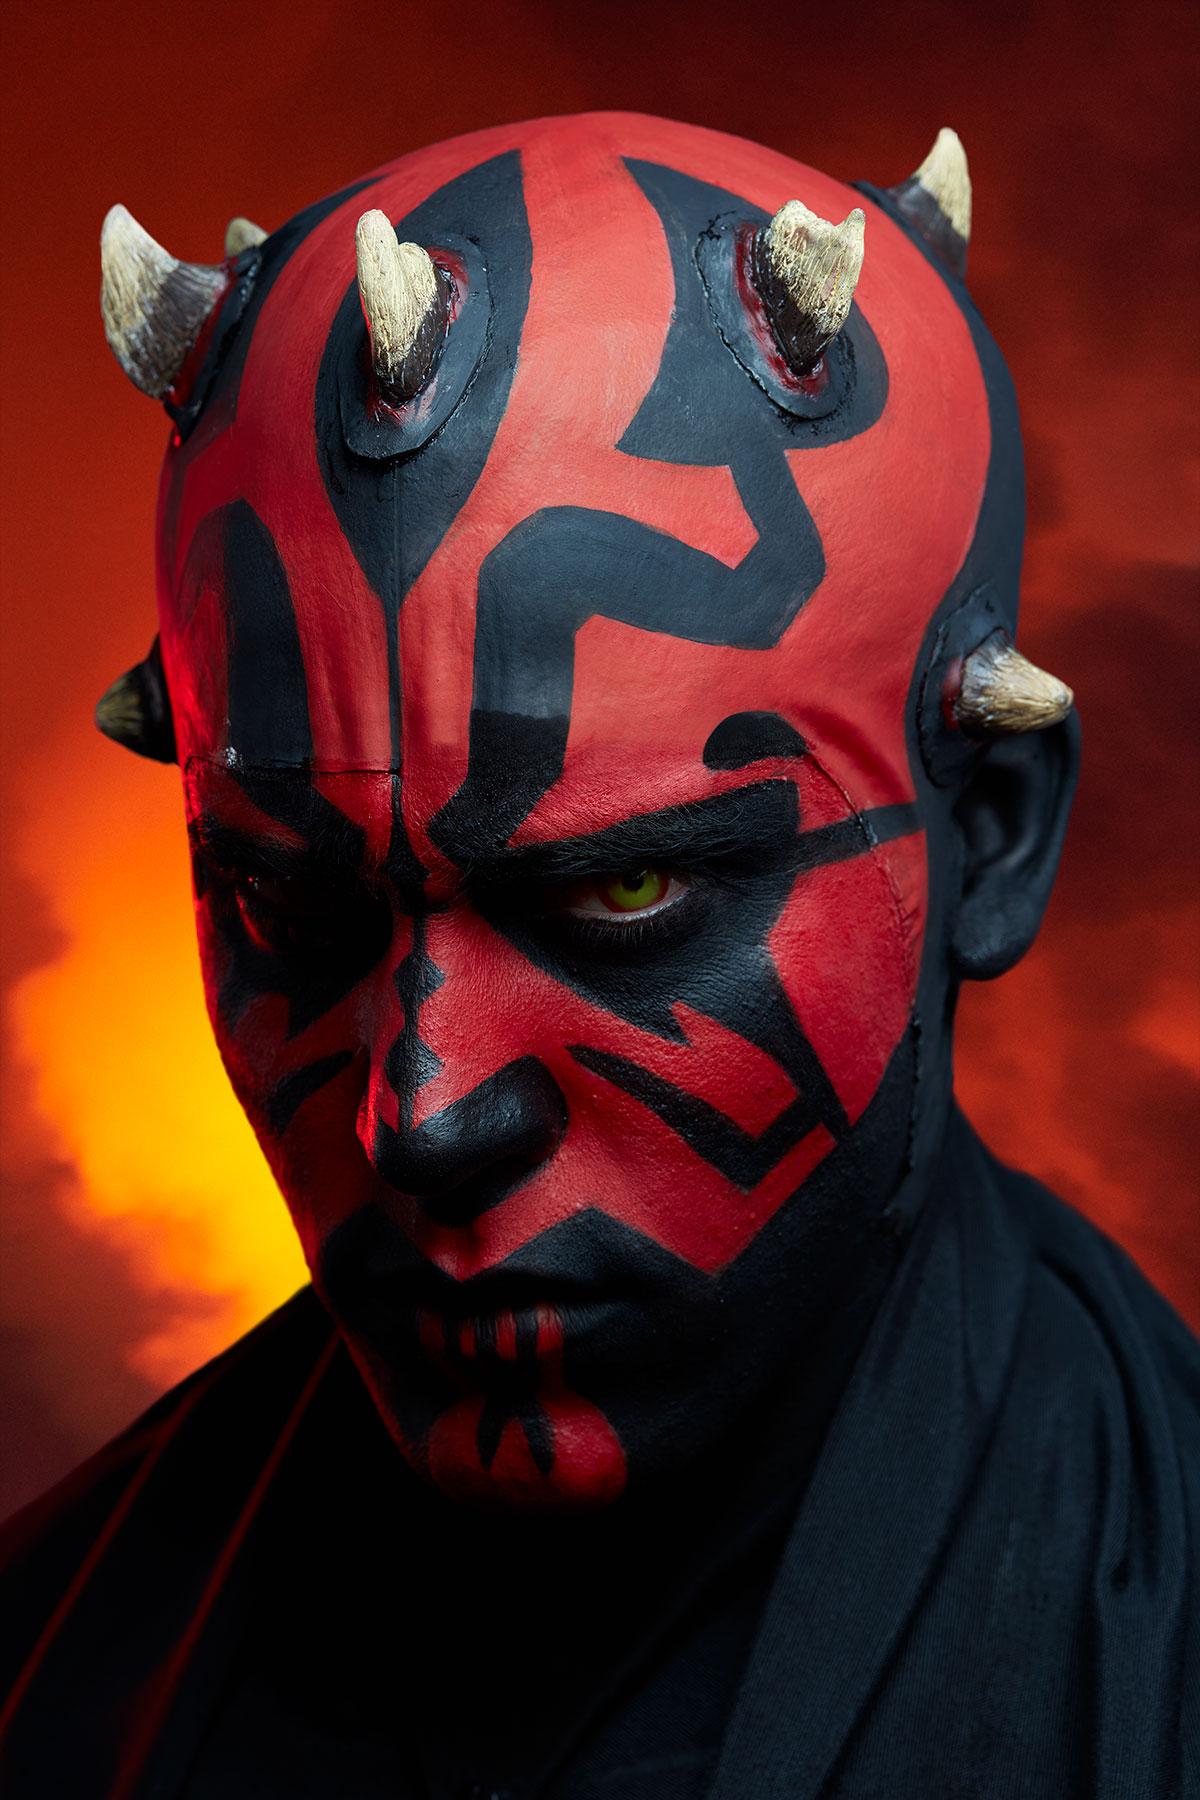 Arthur Sayanoff Darth Maul Star Wars 08 03